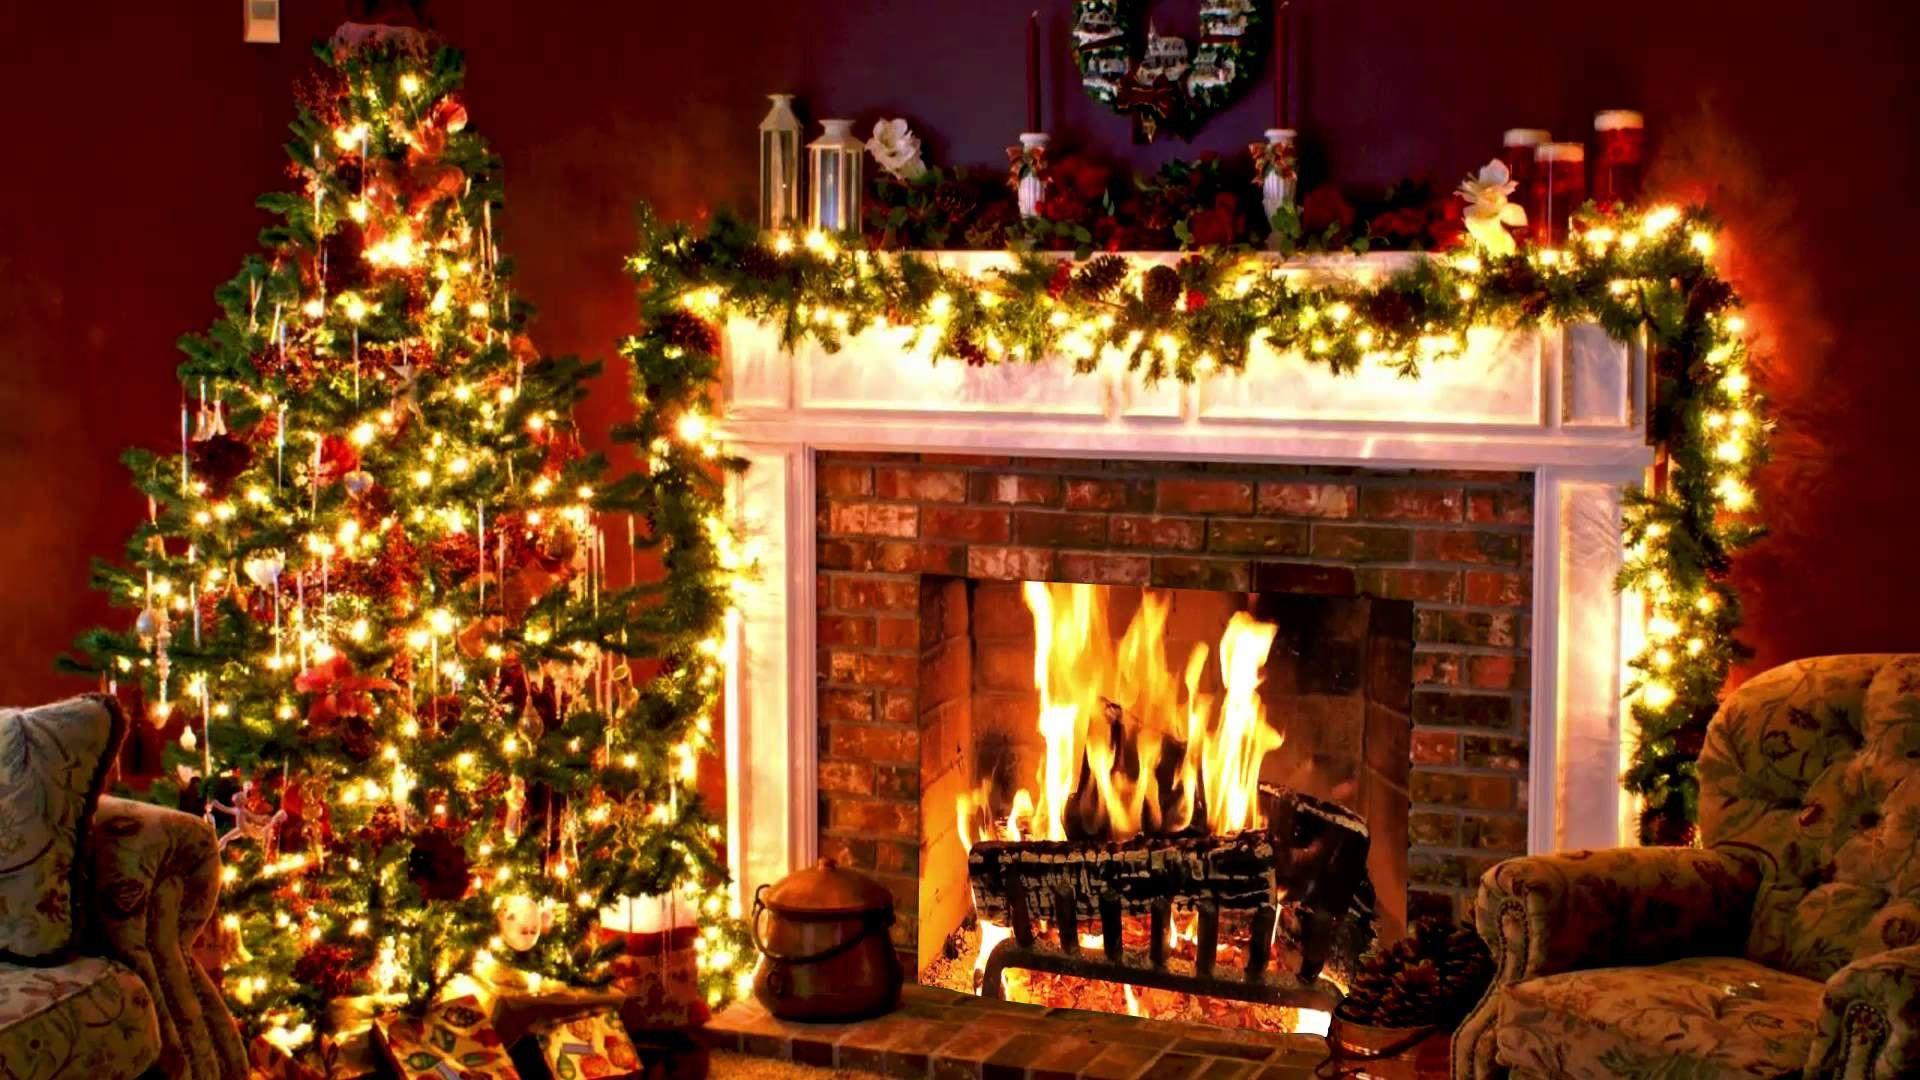 Christmas Wallpapers Christmas Fireplace Decor Christmas Tree And Fireplace Christmas Fireplace